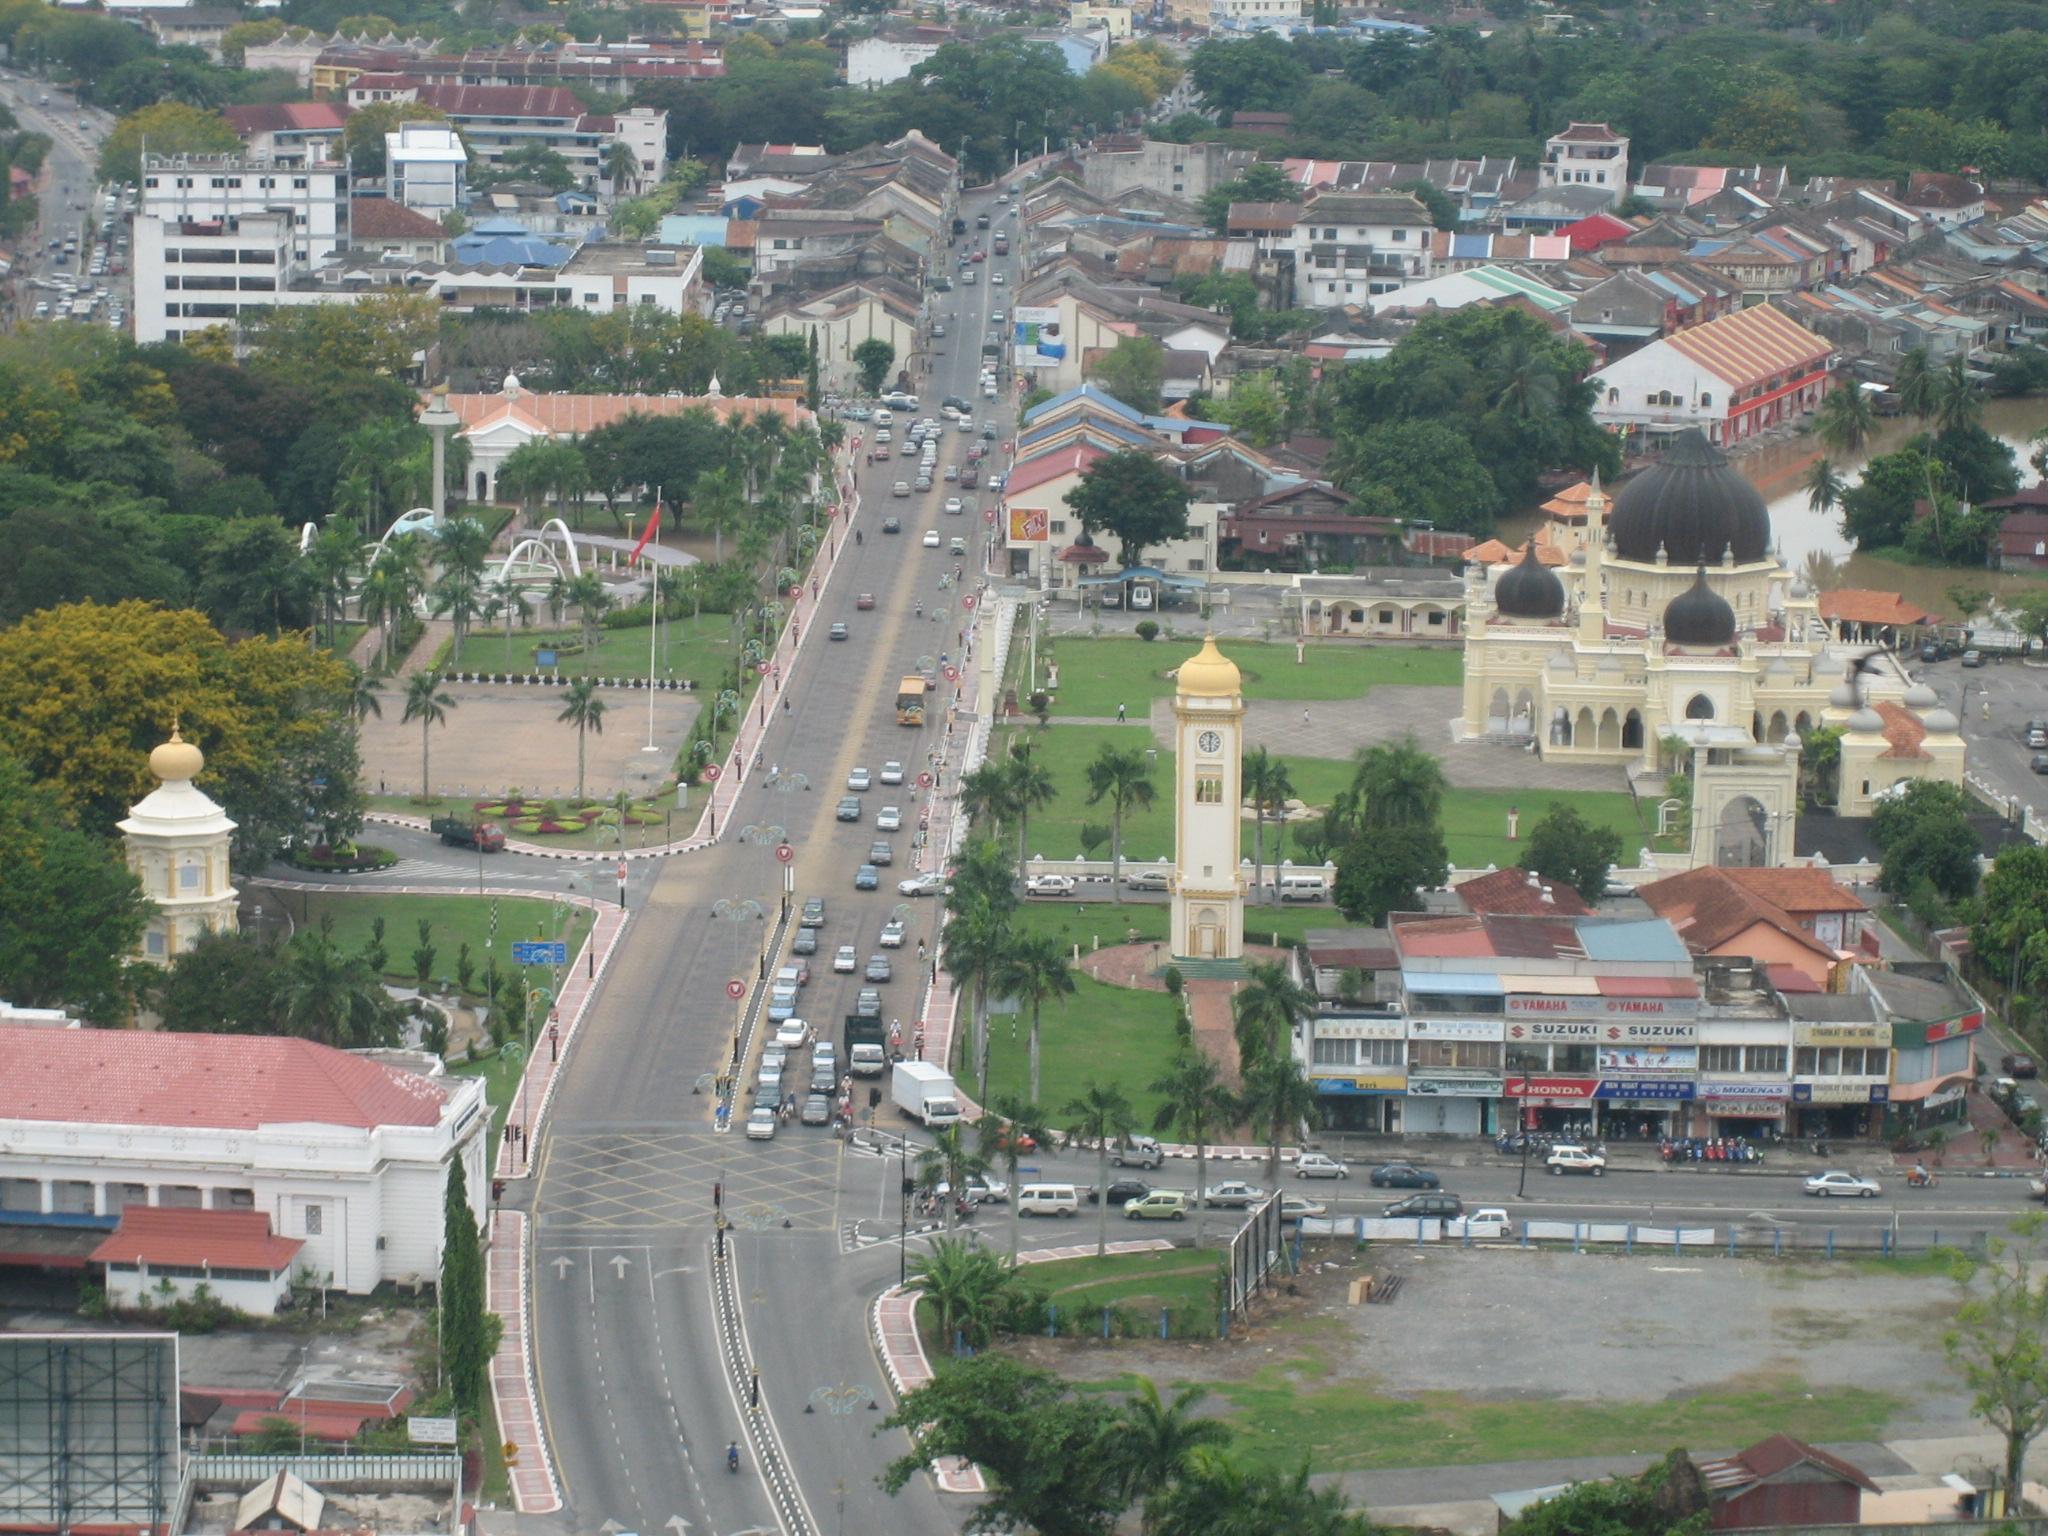 Alor Setar Malaysia  city images : alor toman, Terengganu, Malaysia What happens in kampong alor ...